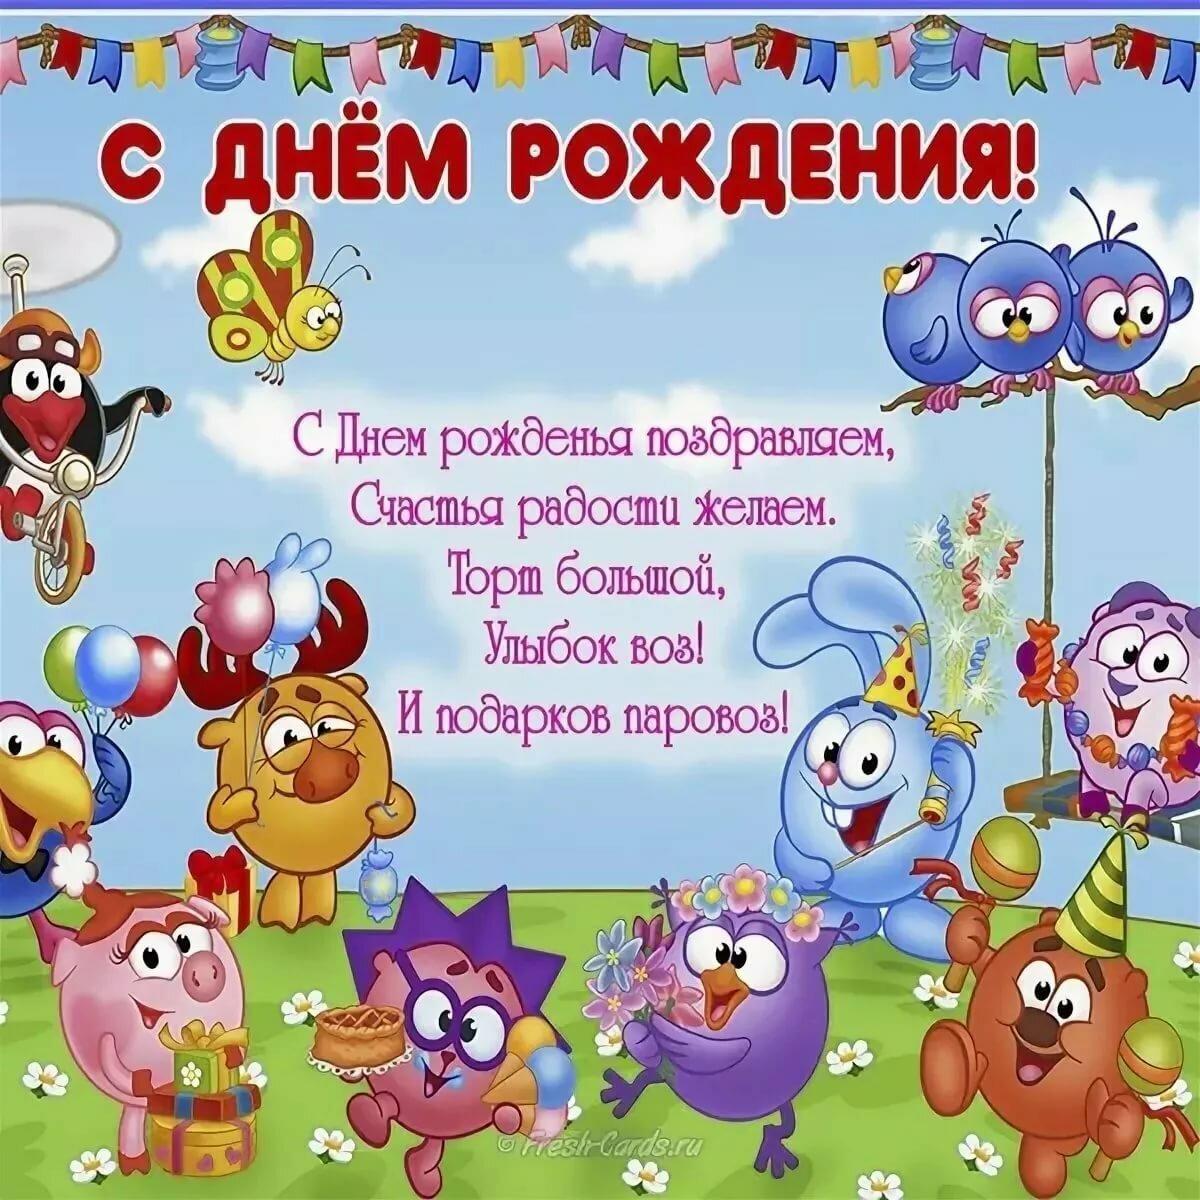 Поздравление сына подруги с днем рождения 4 года